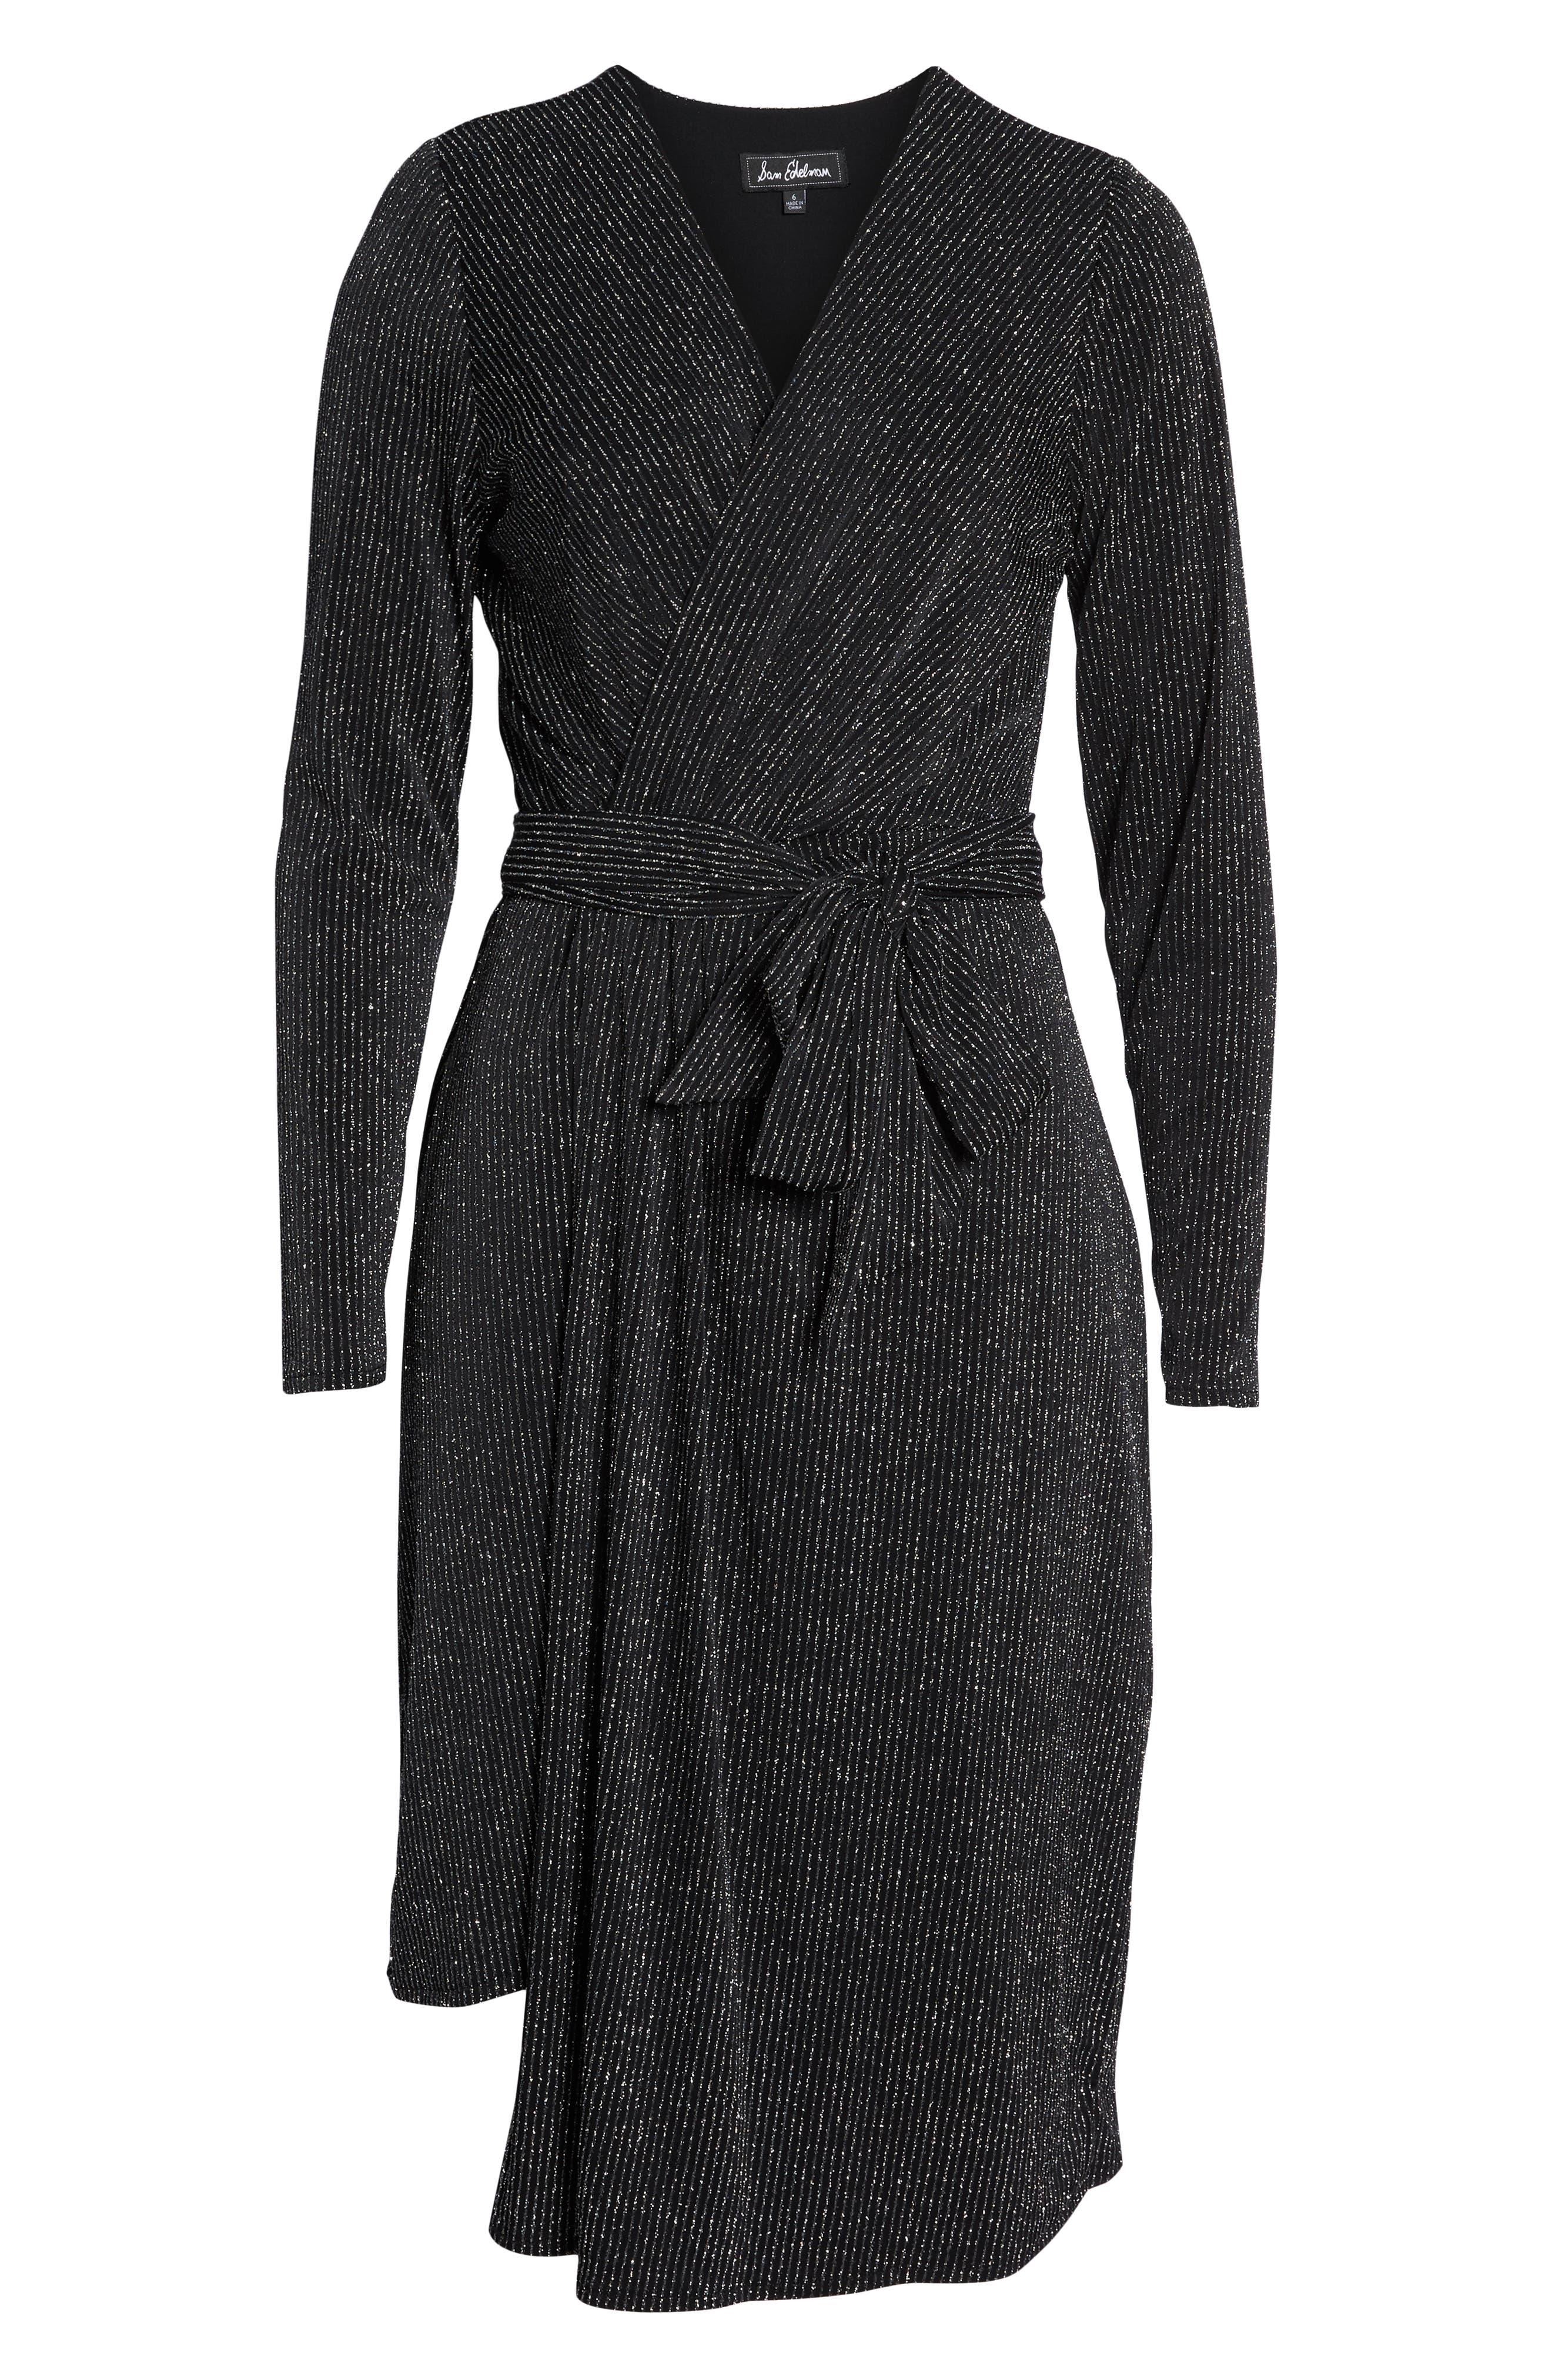 SAM EDELMAN,                             Metallic Faux Wrap Knit Dress,                             Alternate thumbnail 7, color,                             SILVER METALLIC